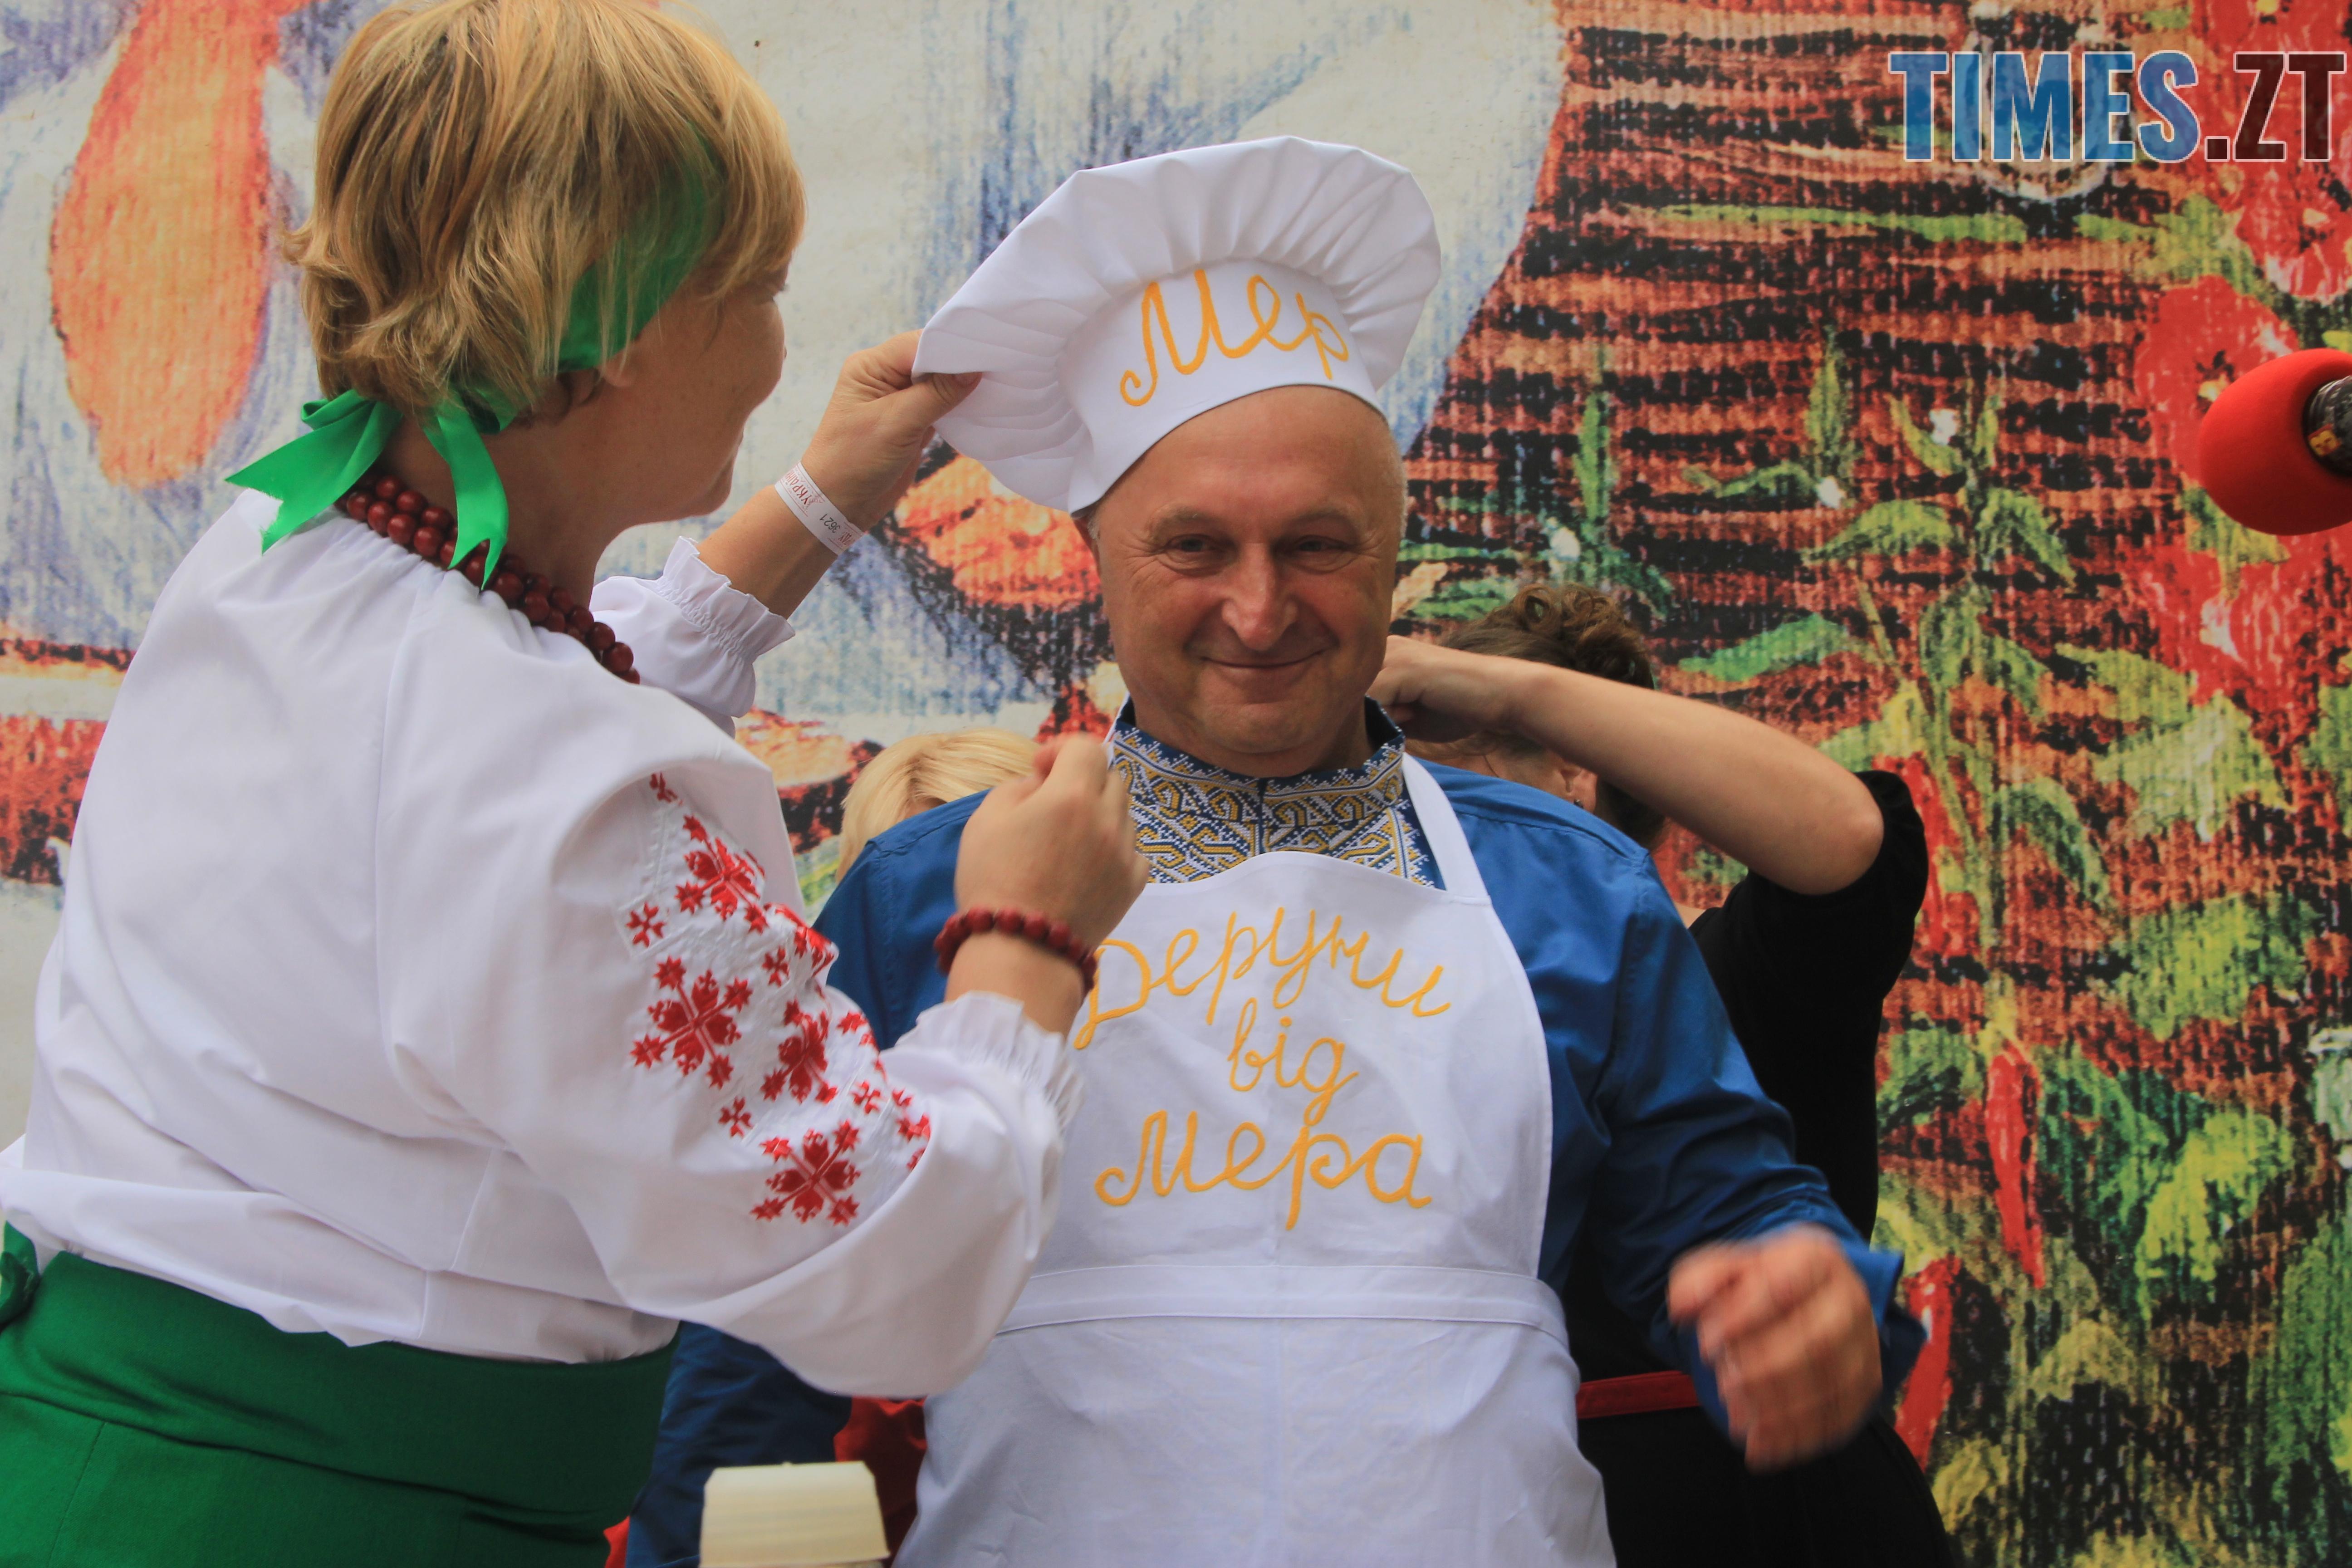 IMG 7600 - Десятий фестиваль дерунів: насмажили чимало, показали найбільшого в країні і побили ним всі рекорди (ФОТОРЕПОРТАЖ)